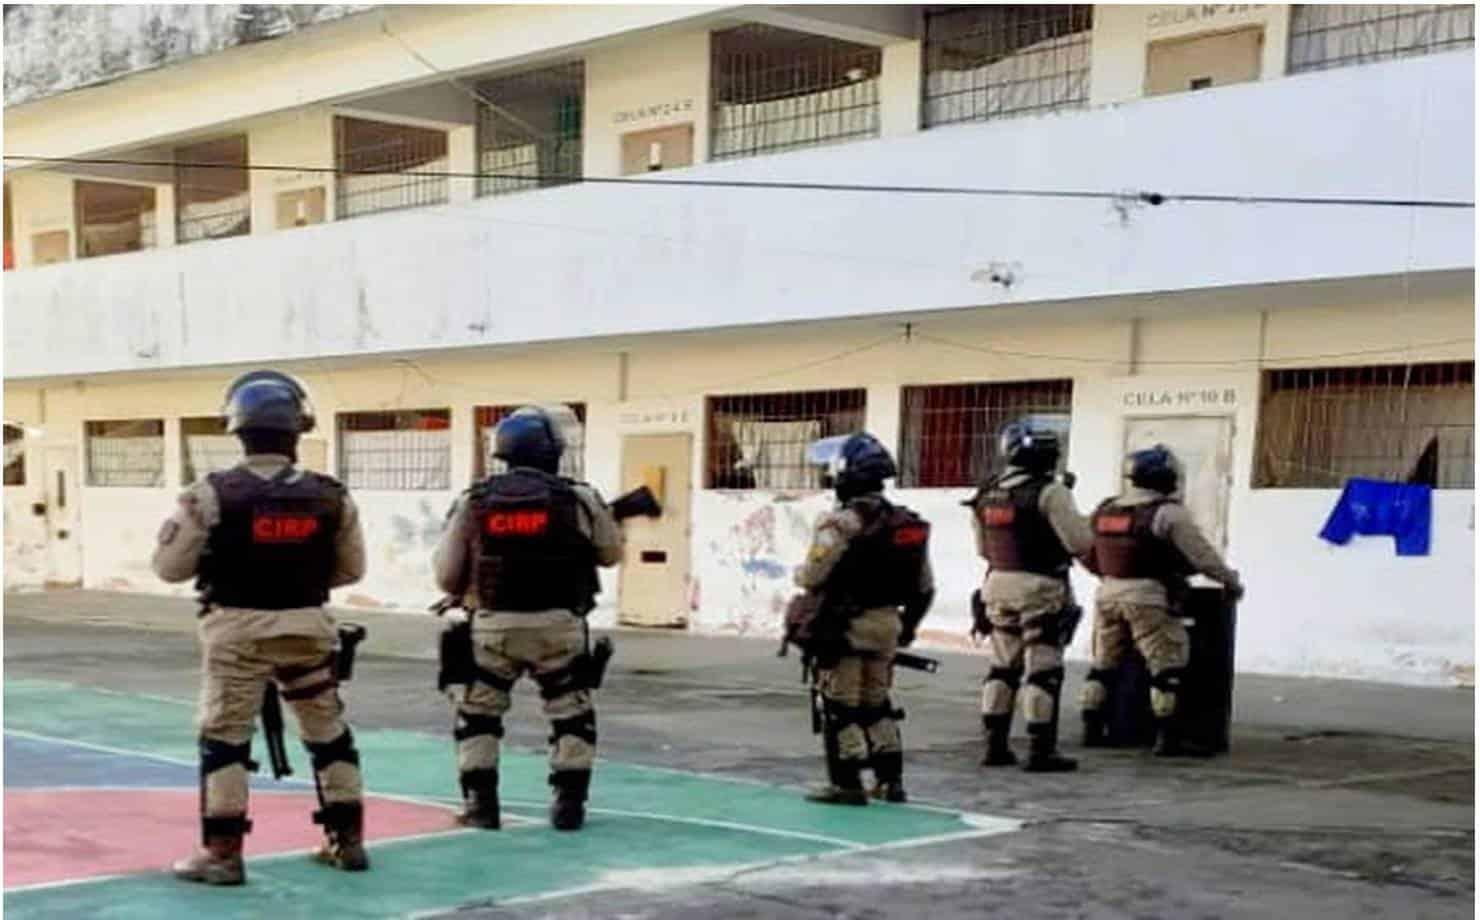 Simões Filho: policiais encontram drogas e 45 celulares dentro de celas no presídio